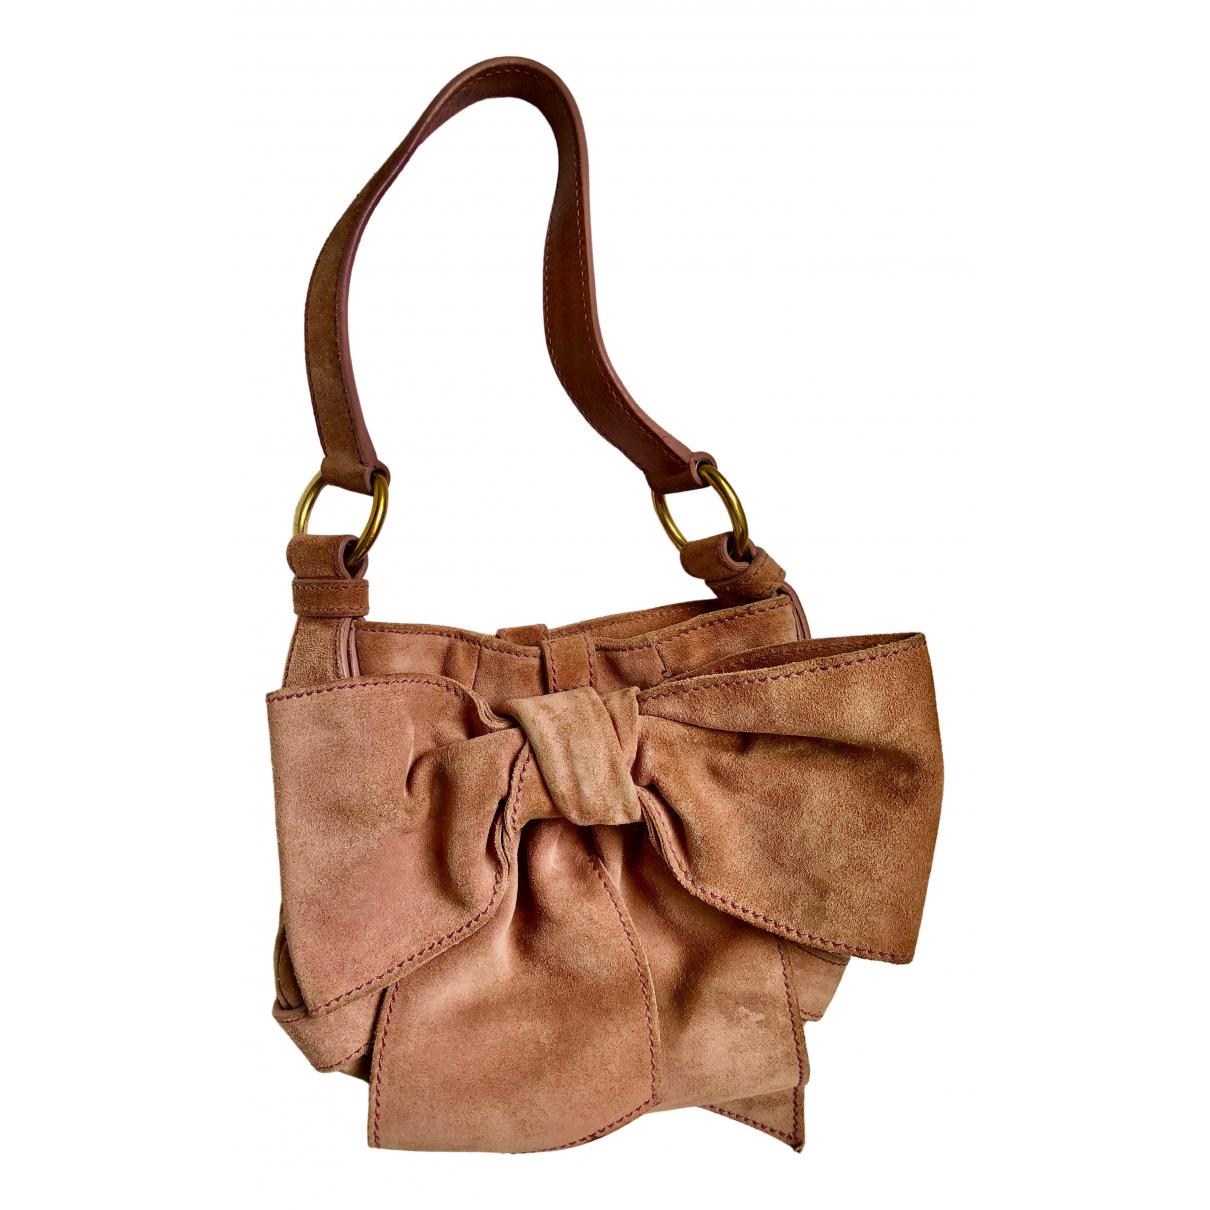 Yves Saint Laurent \N Pink Suede handbag for Women \N